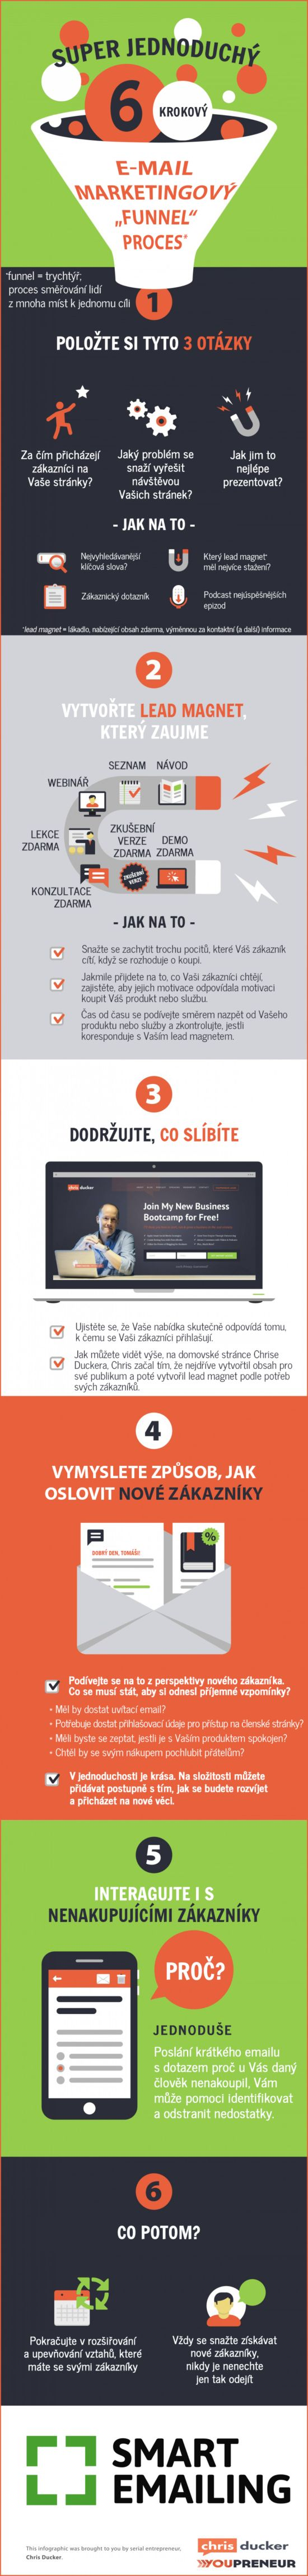 """Barevná infografika od SmartEmailing.cz vás provede e-mail marketingovým """"funnelem"""""""